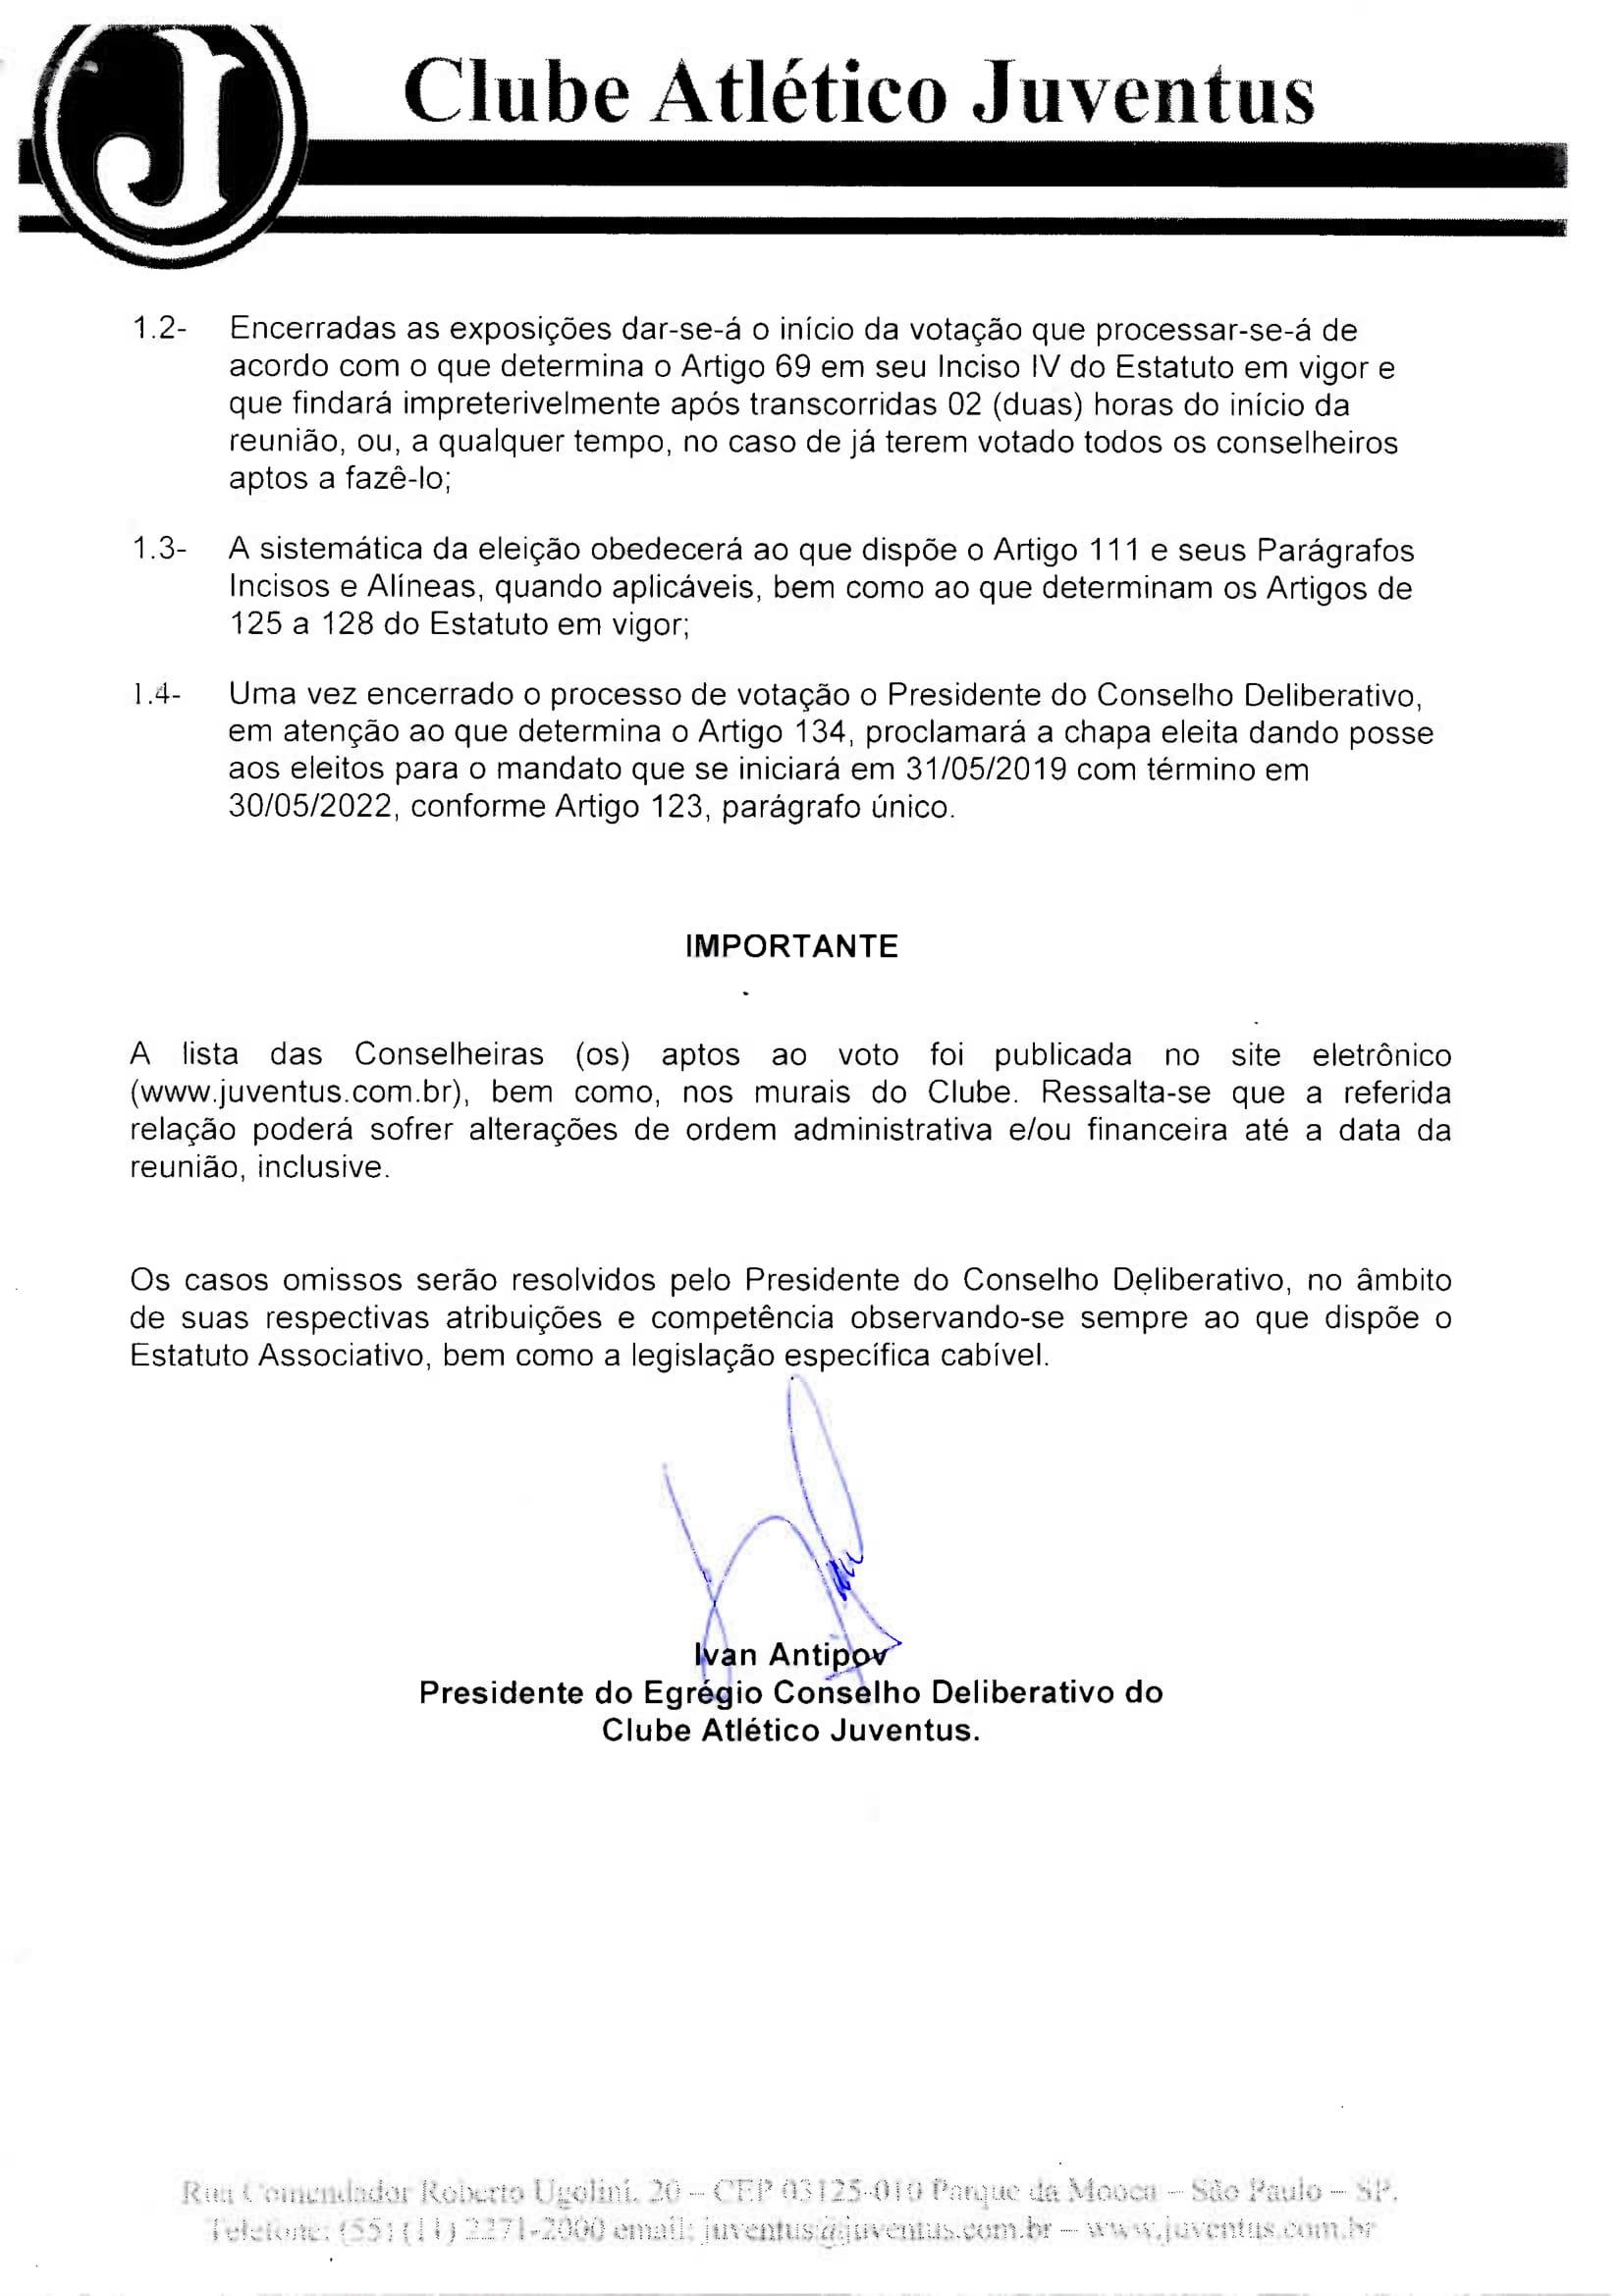 EDITAL DE CONVOCAÇÃO - REUNIÃO ORDINÁRIA 13-05-19084-2